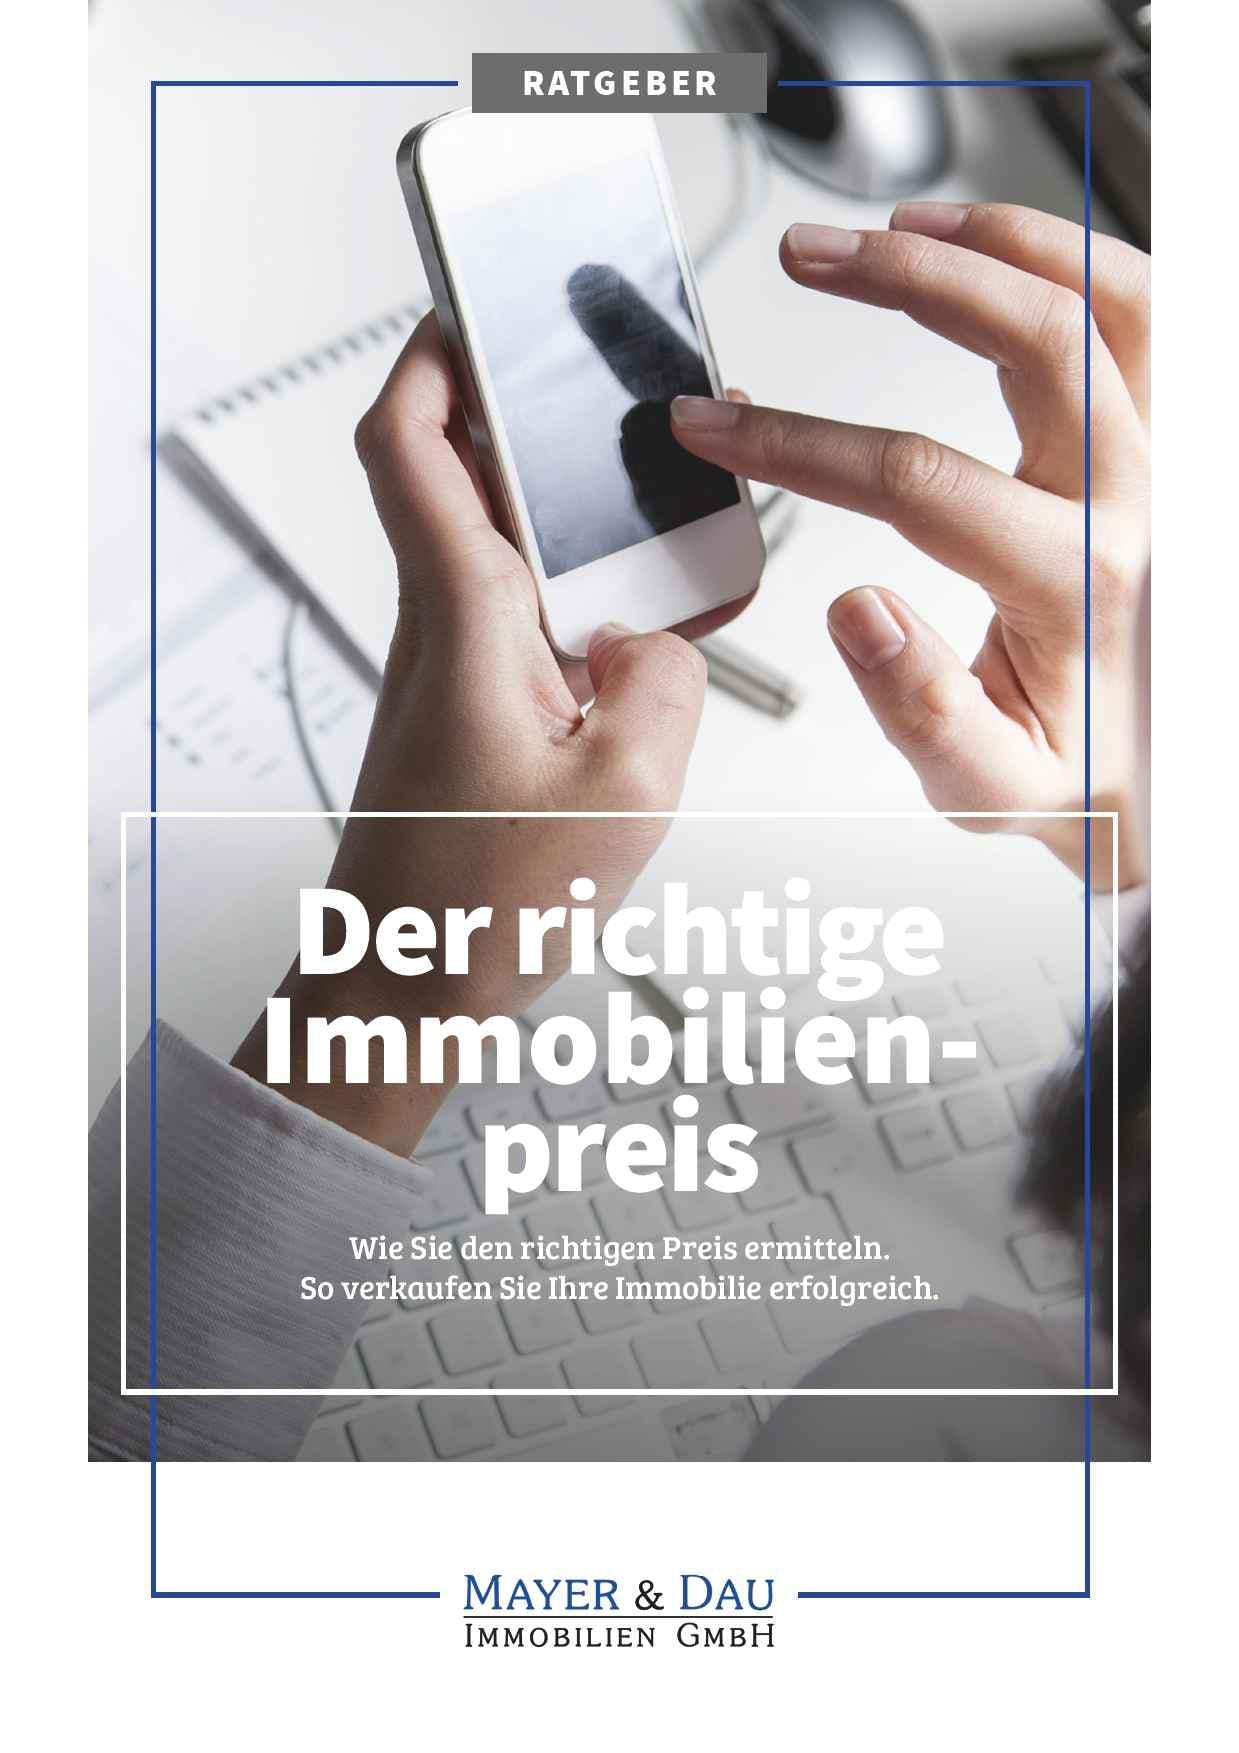 Mayer_und_Dau_Den_richtigen_Immobilienpreis_ermitteln_Cover